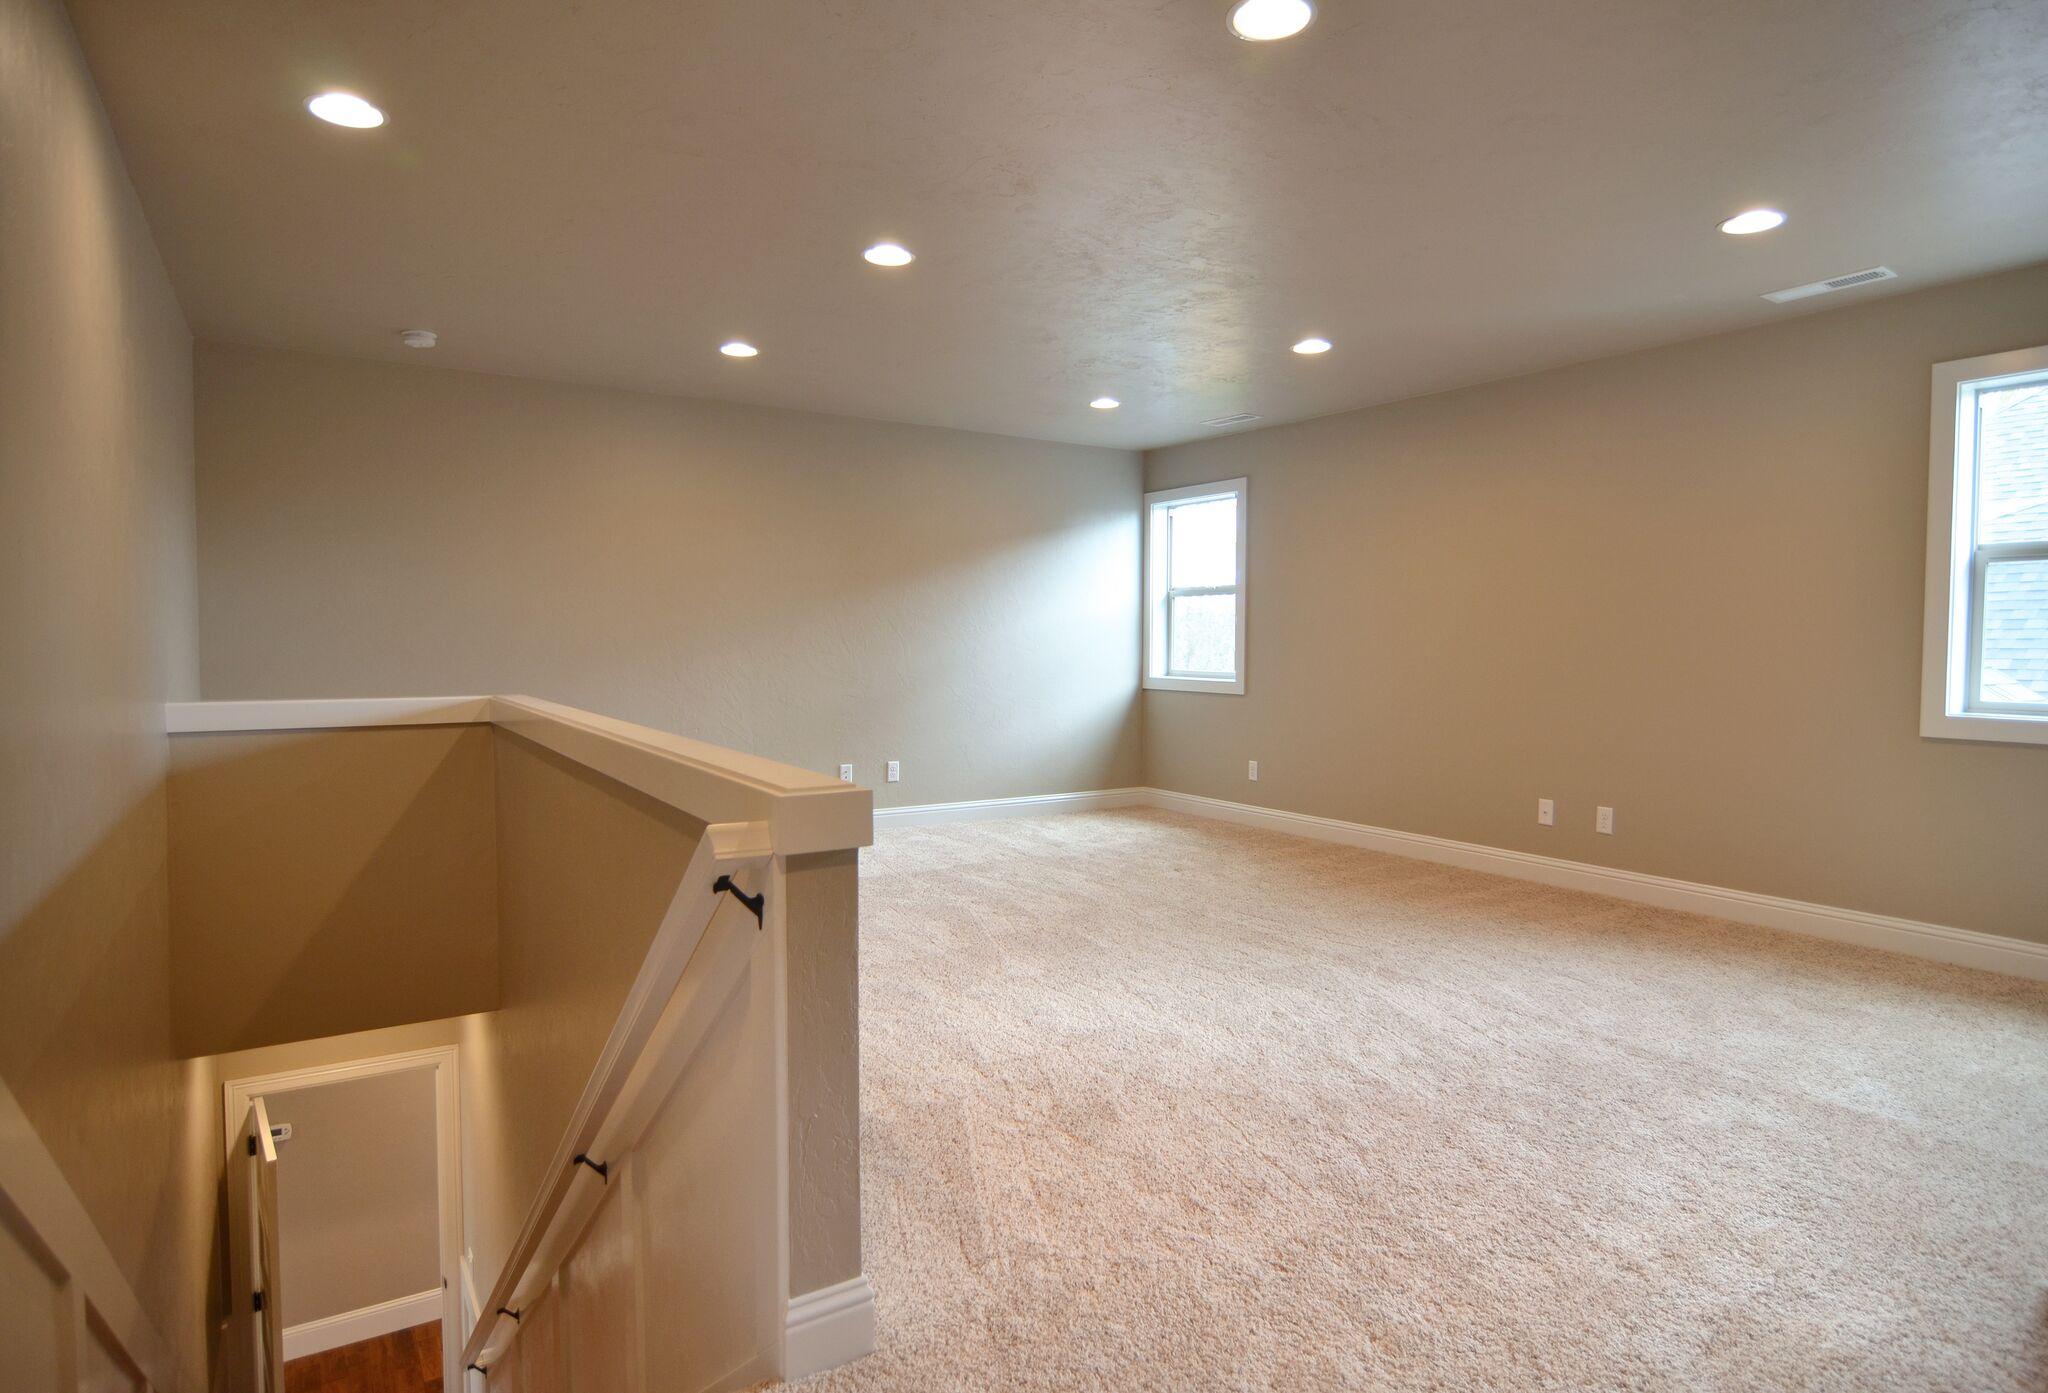 Finished upper floor